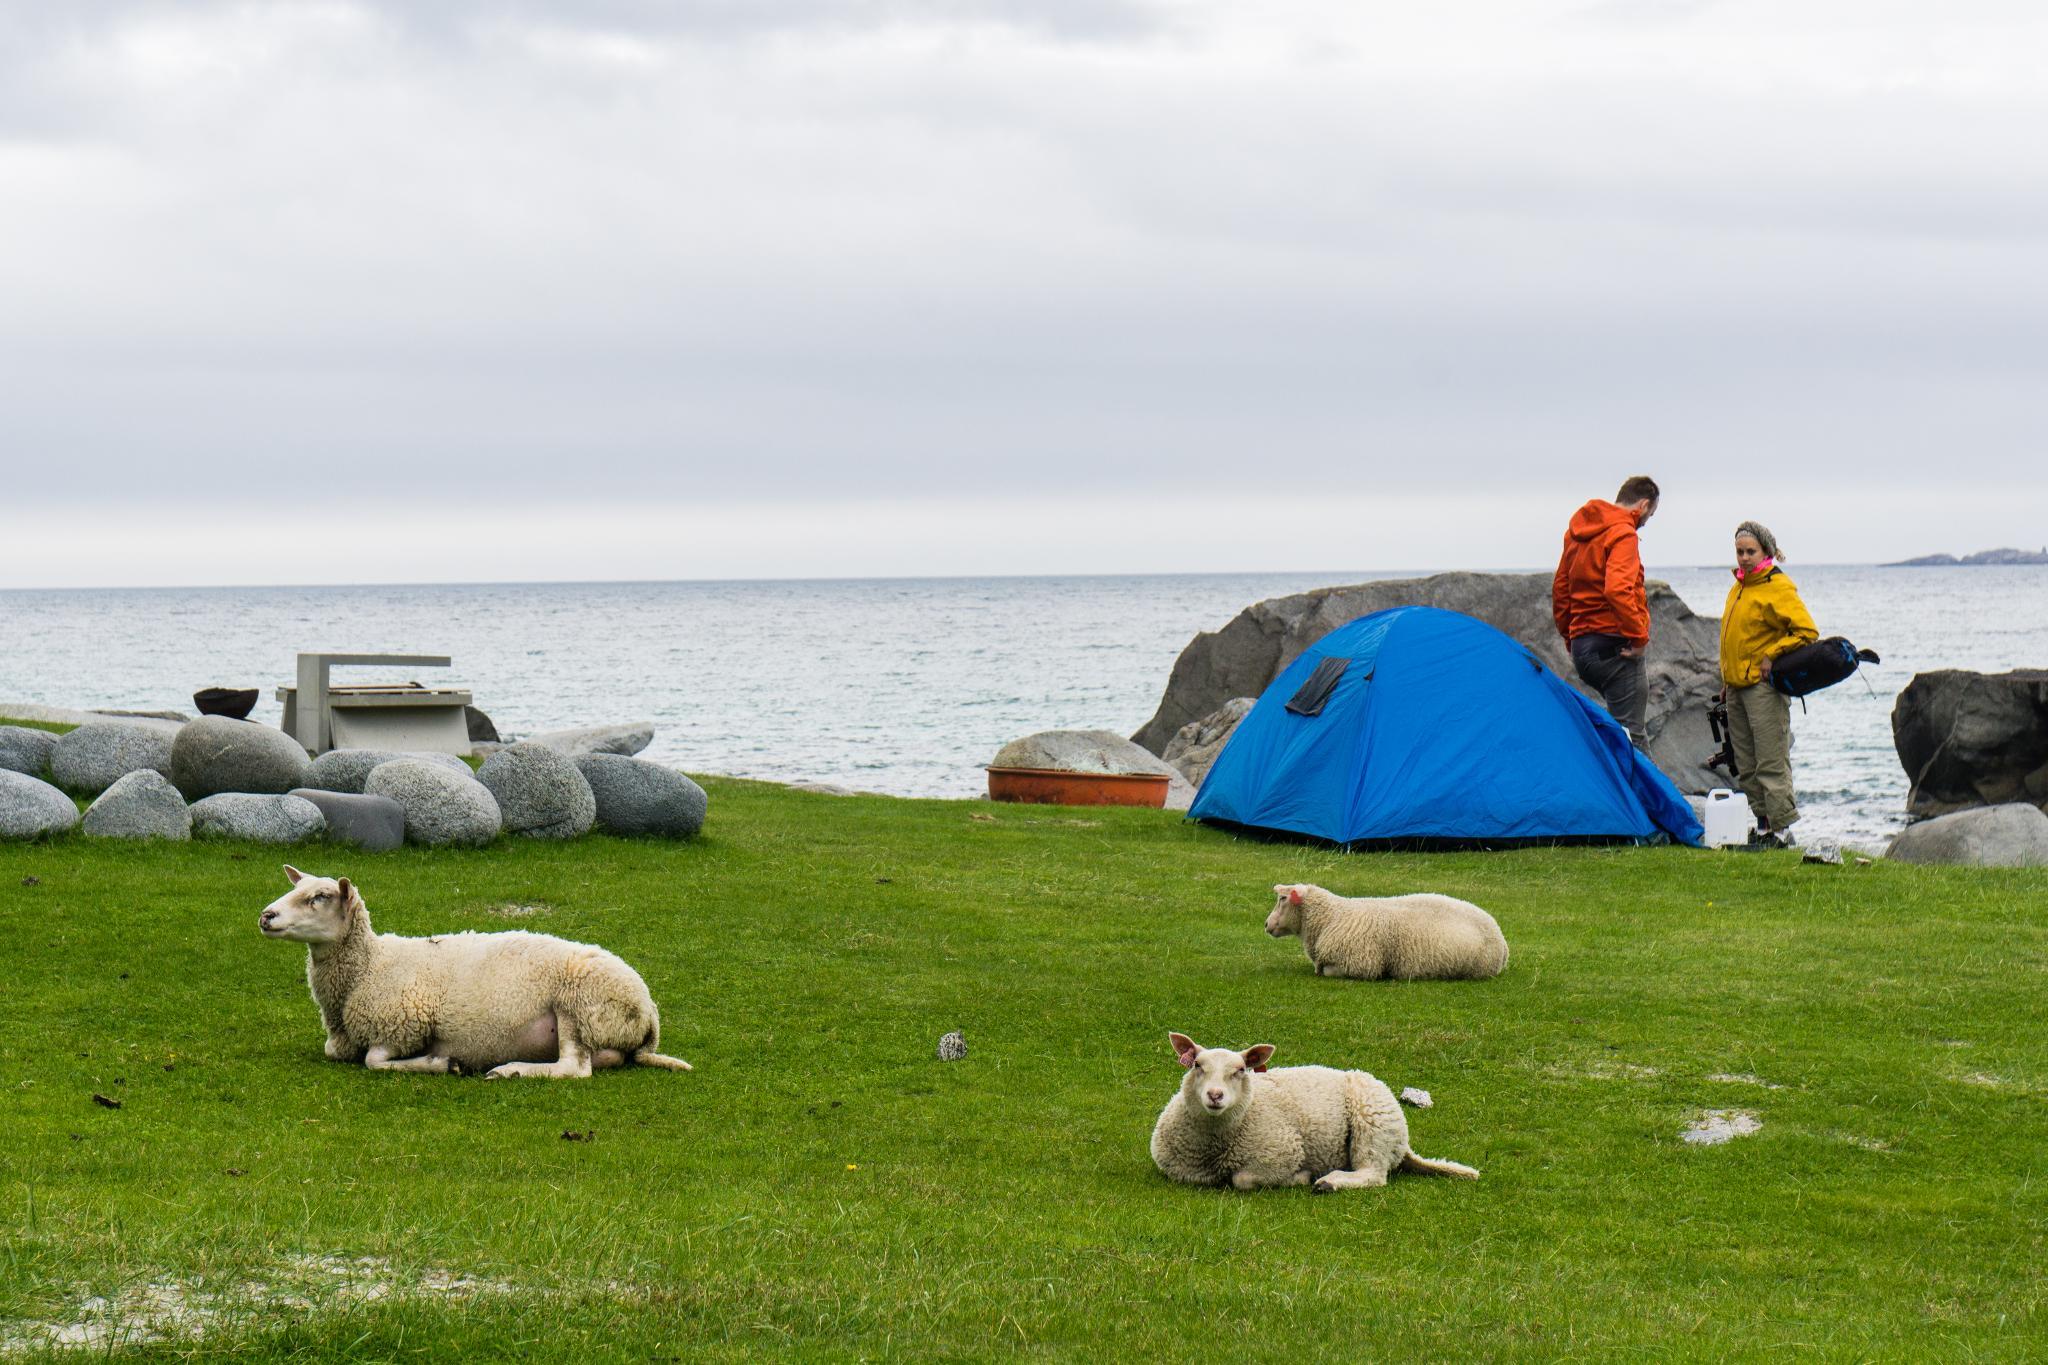 【羅弗敦群島】與羊共舞的人間仙境 - Uttakleiv Beach 與 Haukland Beach 58